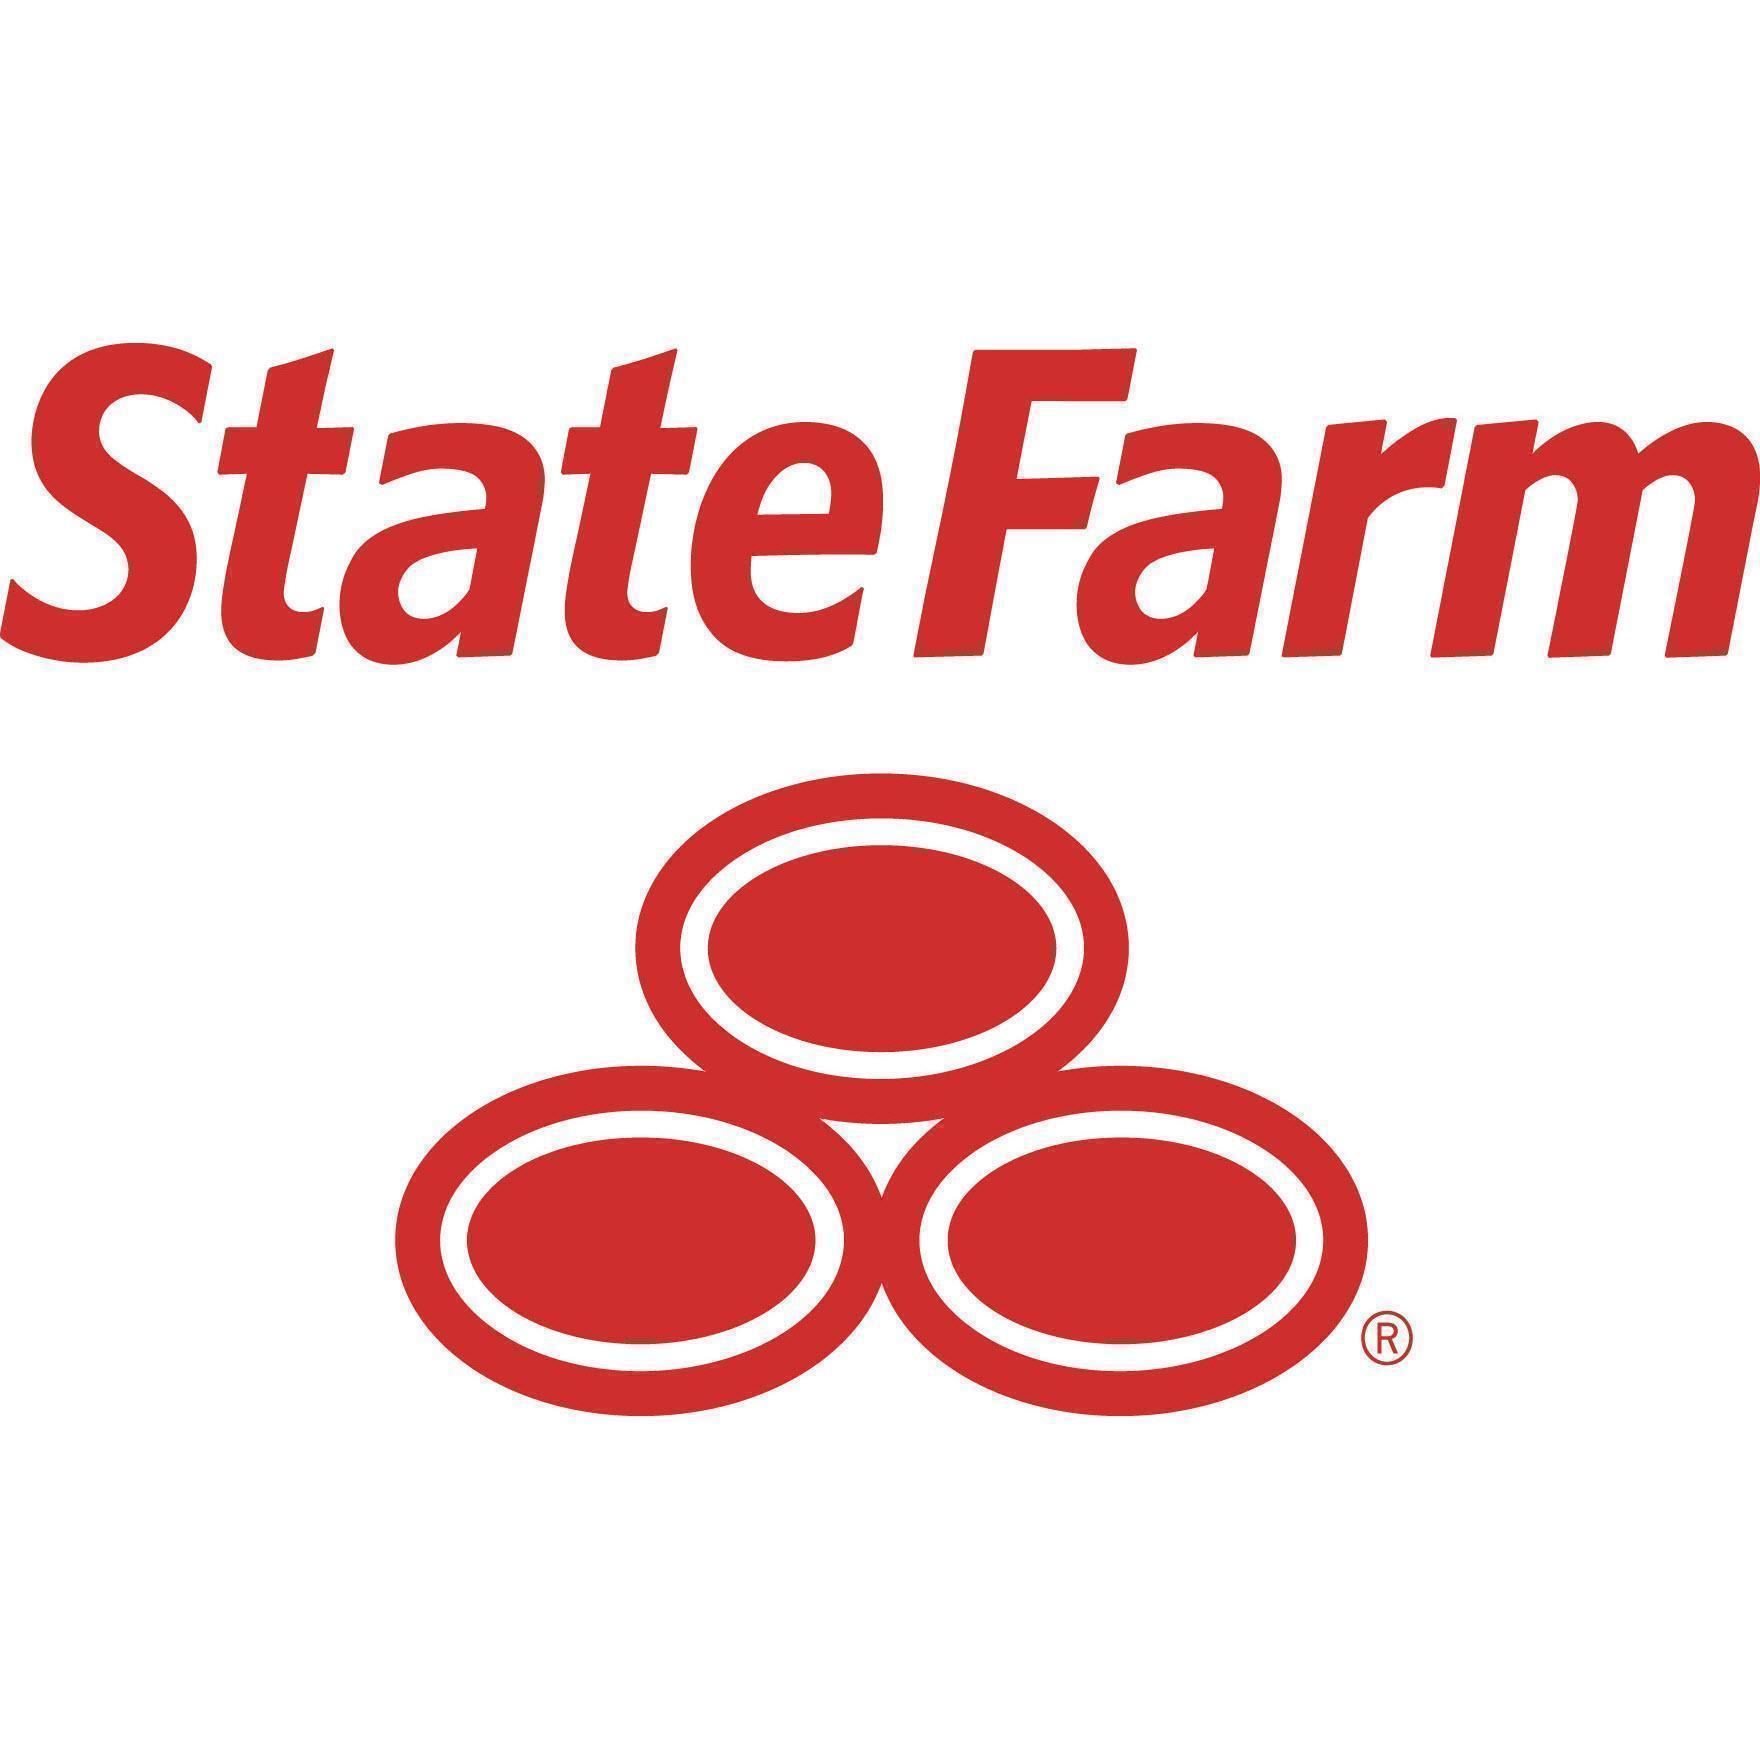 Barbara Malter - State Farm Insurance Agent